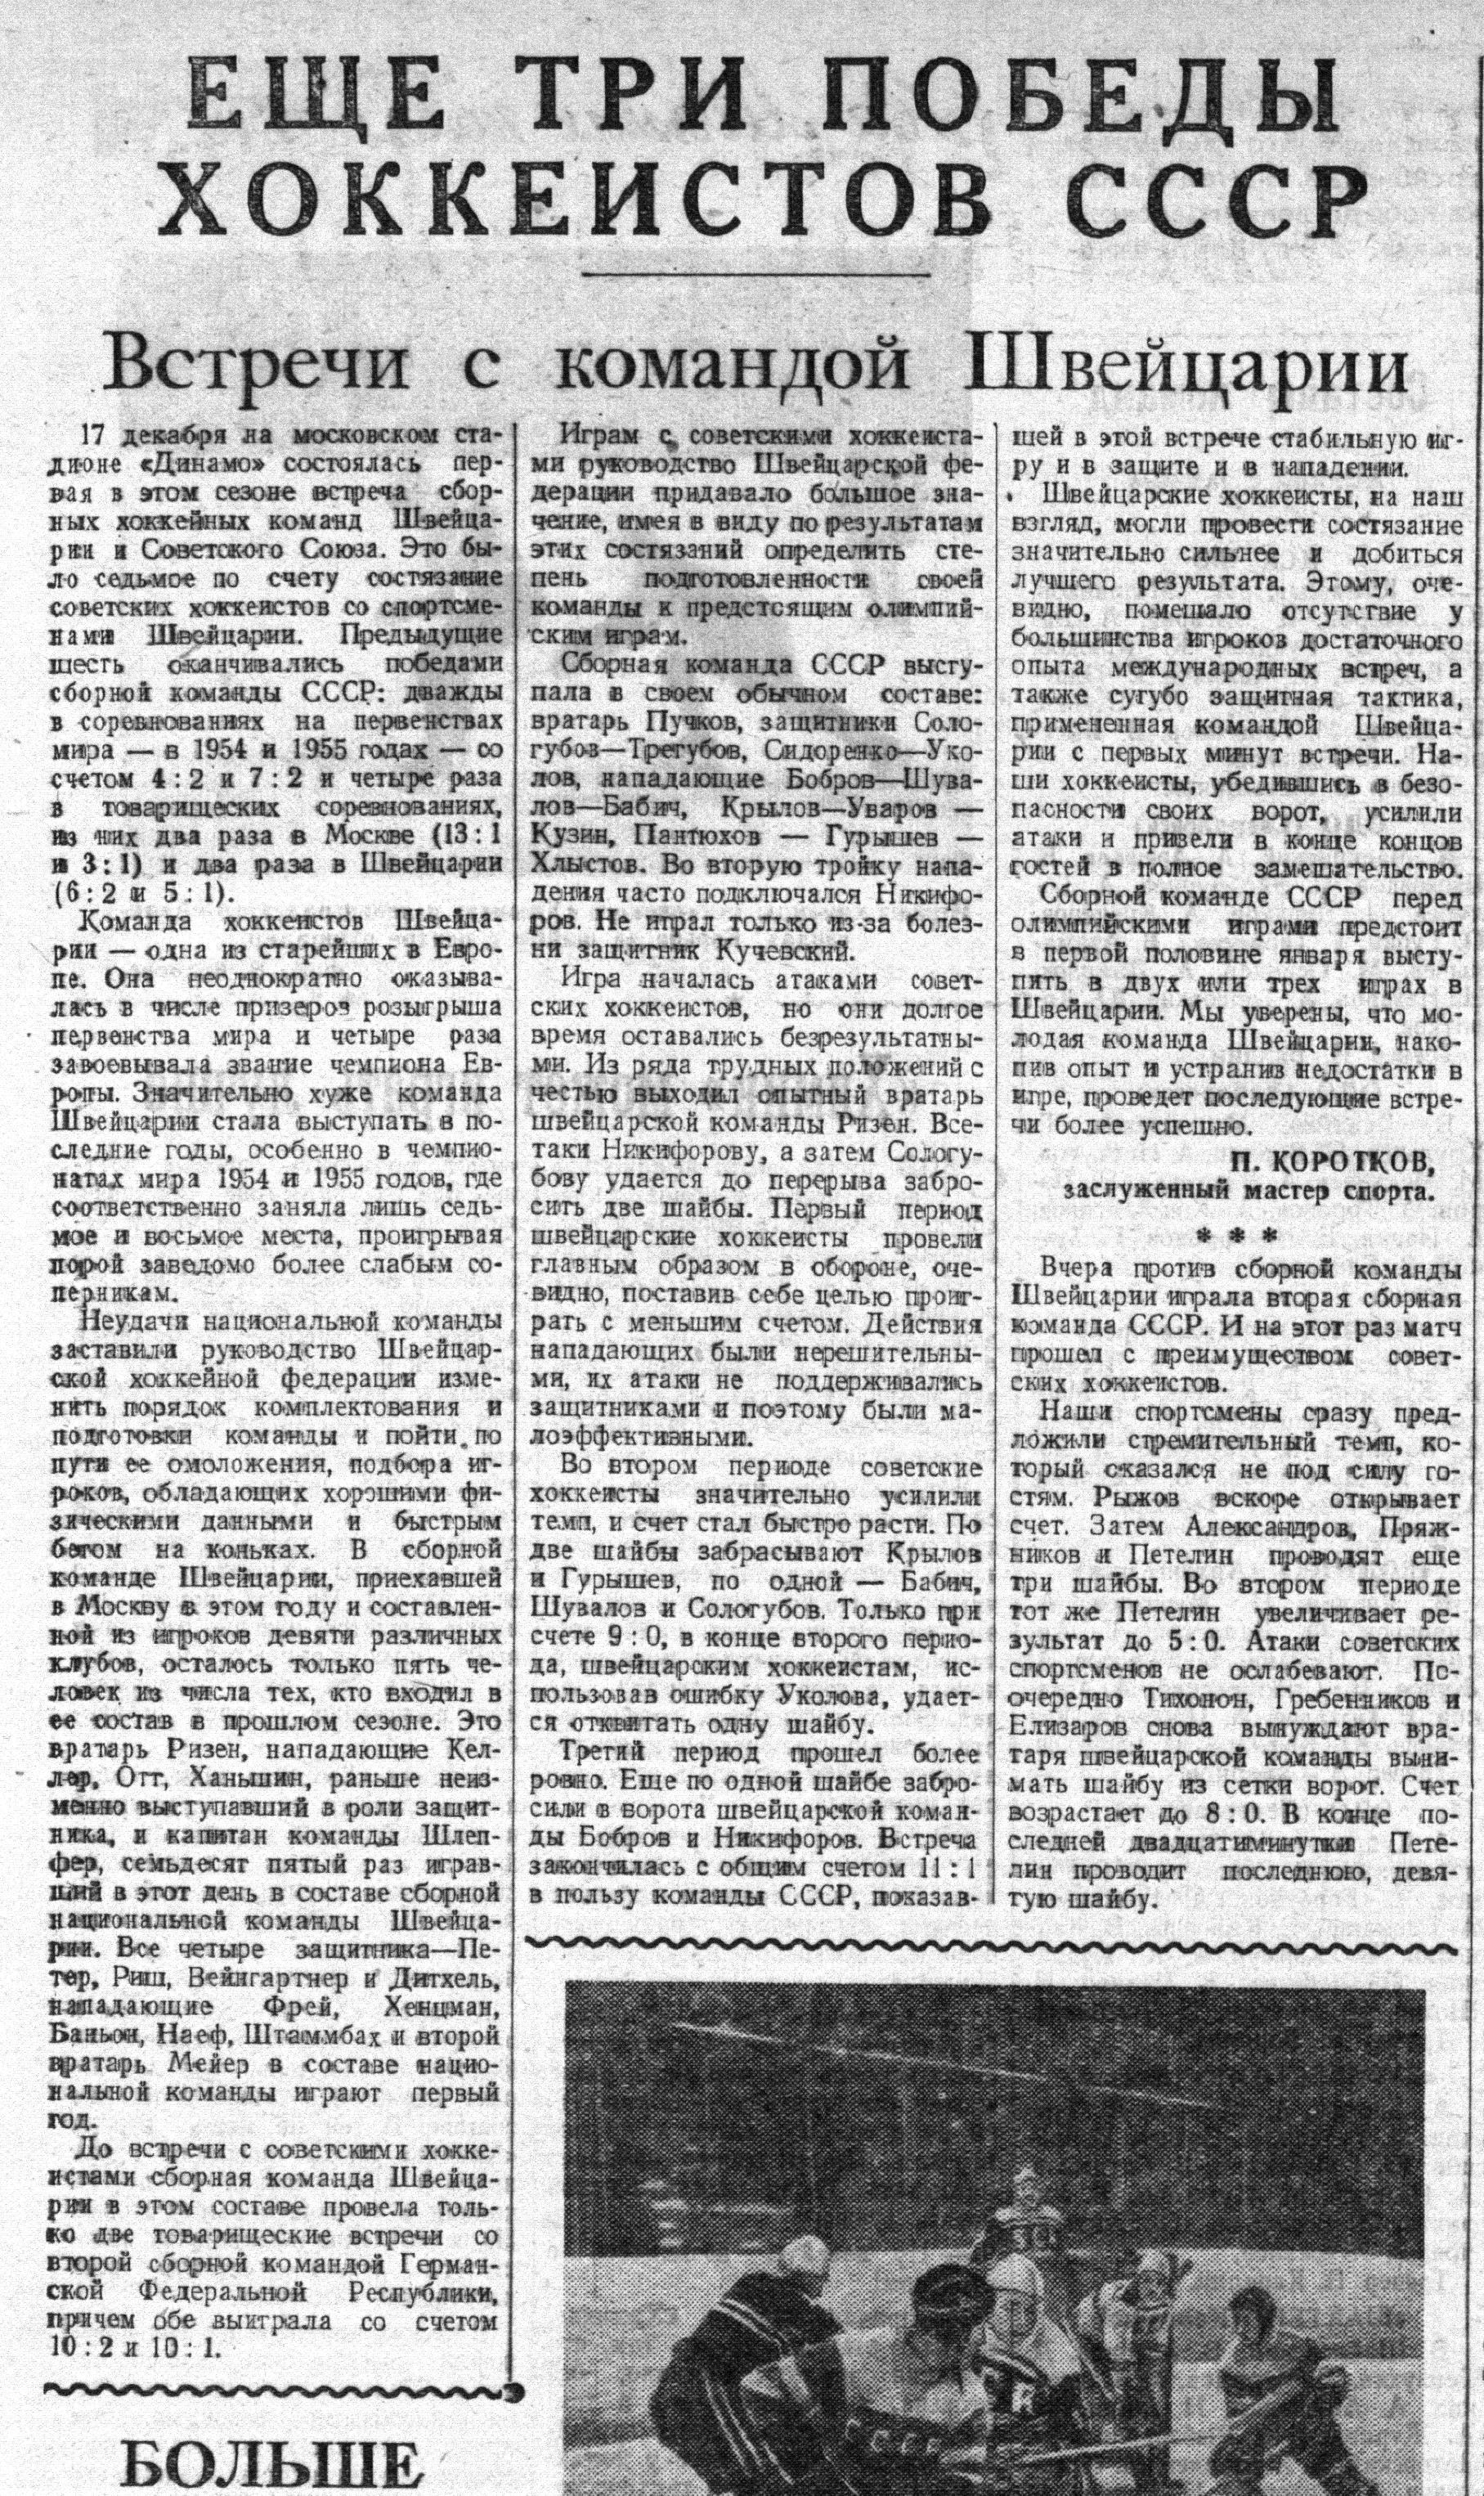 Sov_sport_1955_12_20_N152_s6.JPG